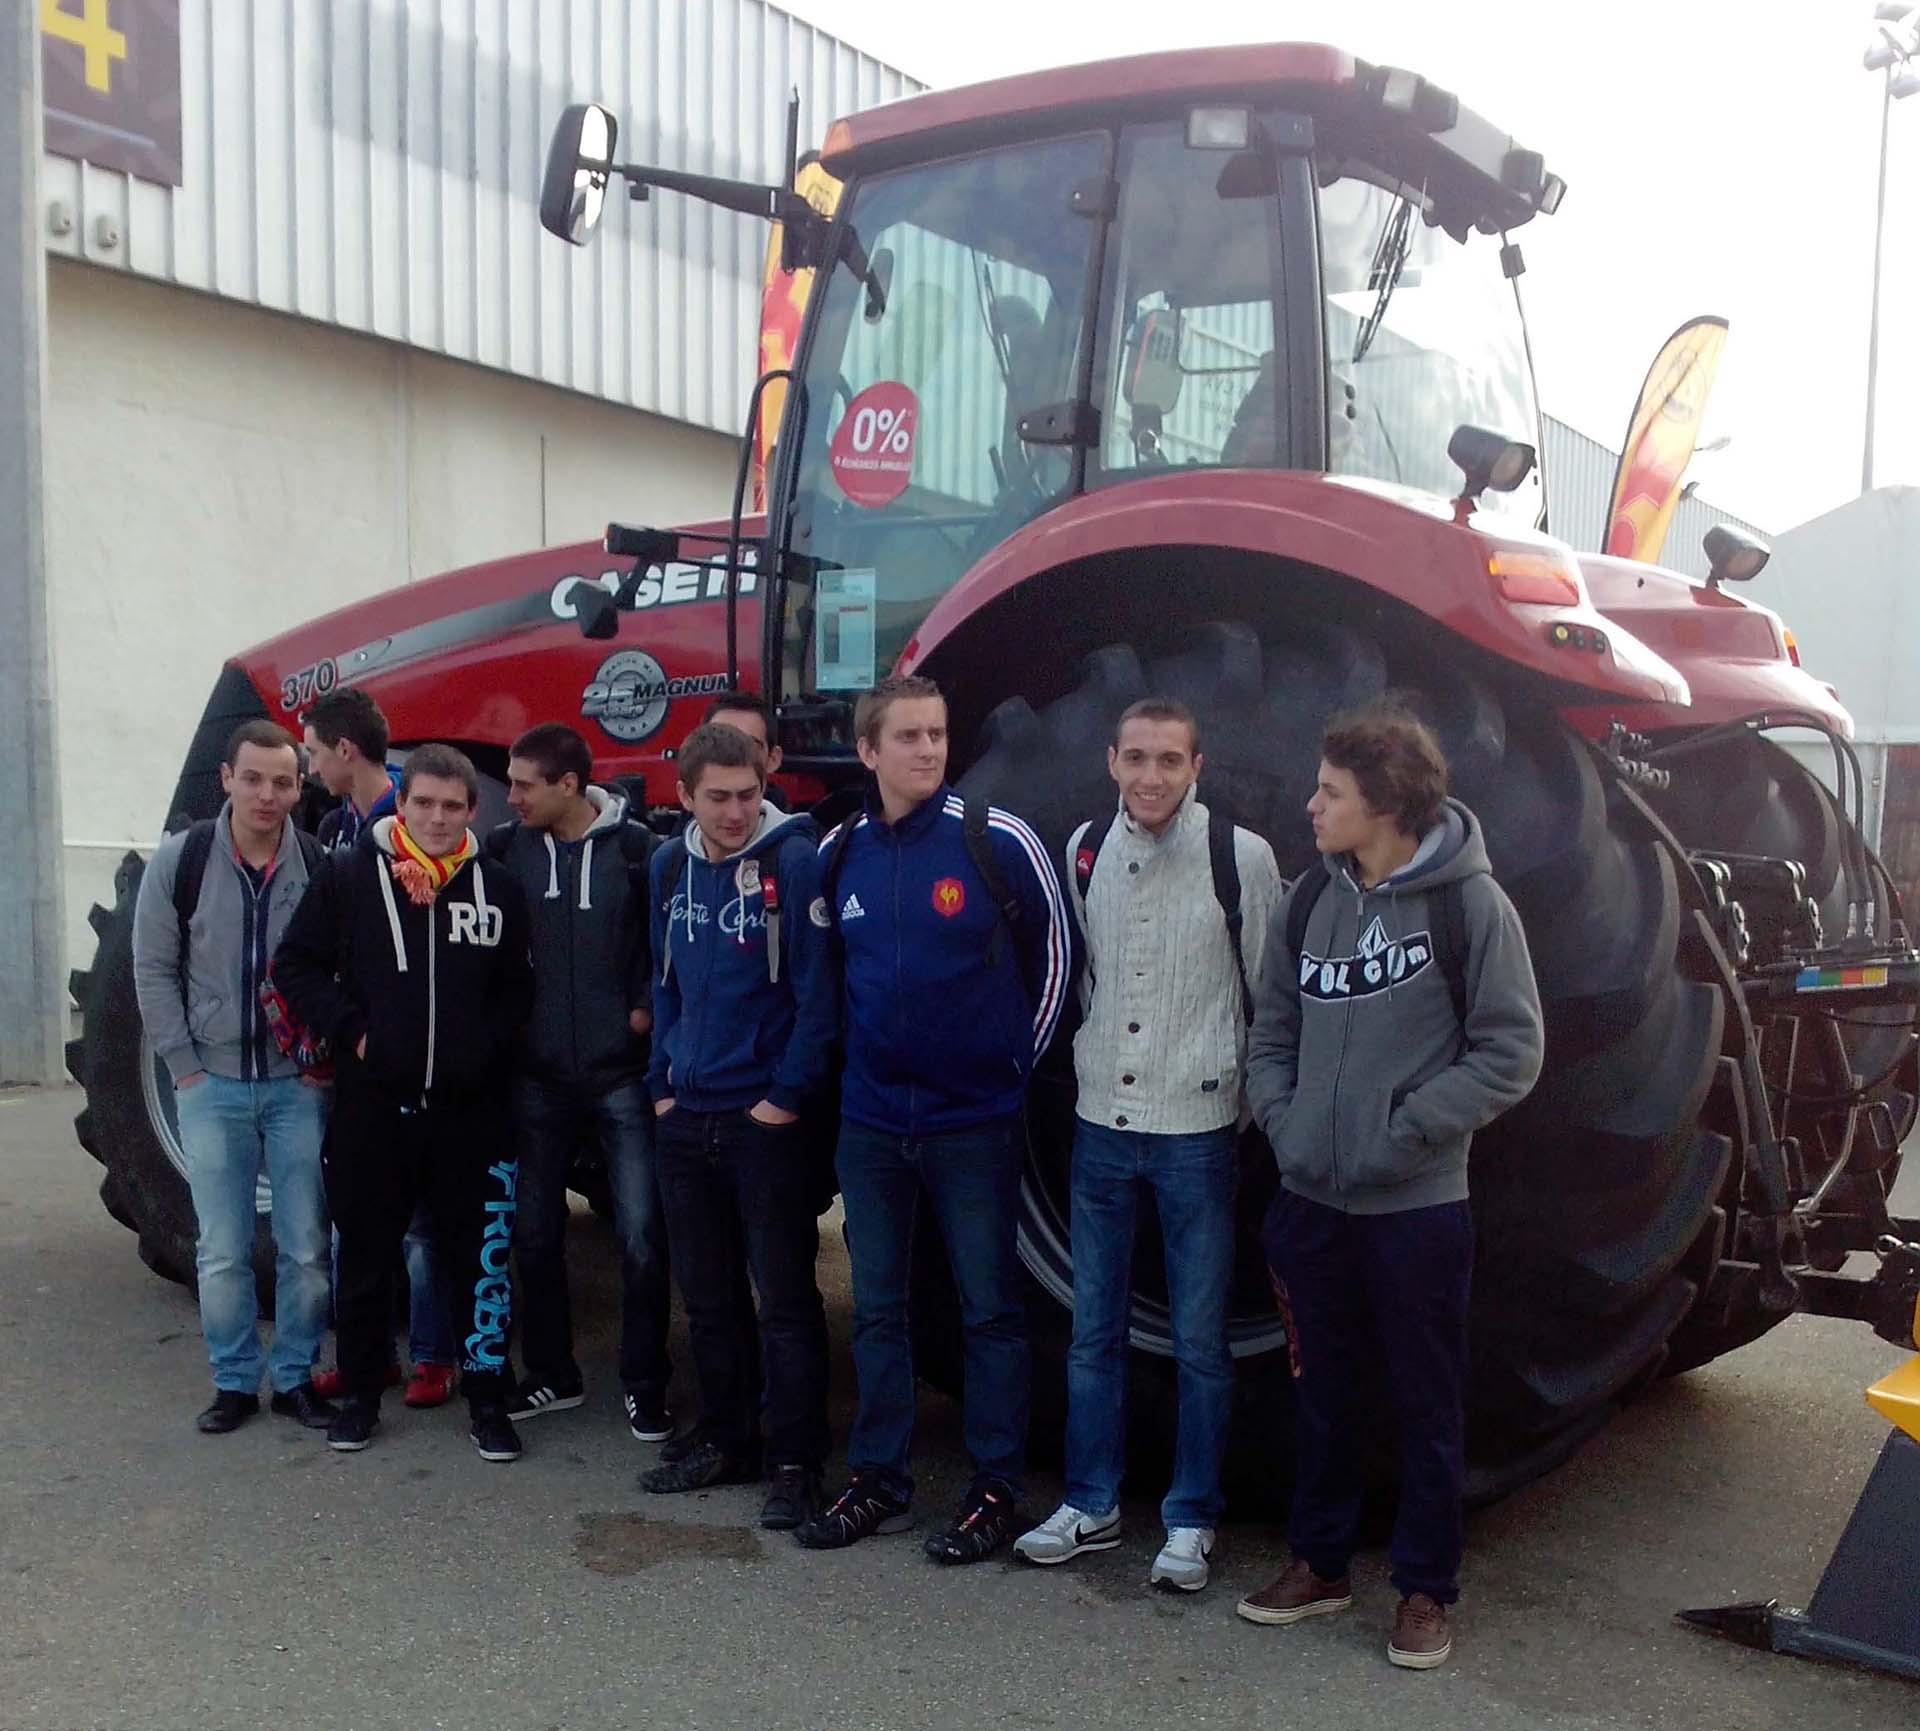 Les bts tsma techniques et services en mat riels agricoles au salon sitevi montpellier - Salon du materiel agricole ...